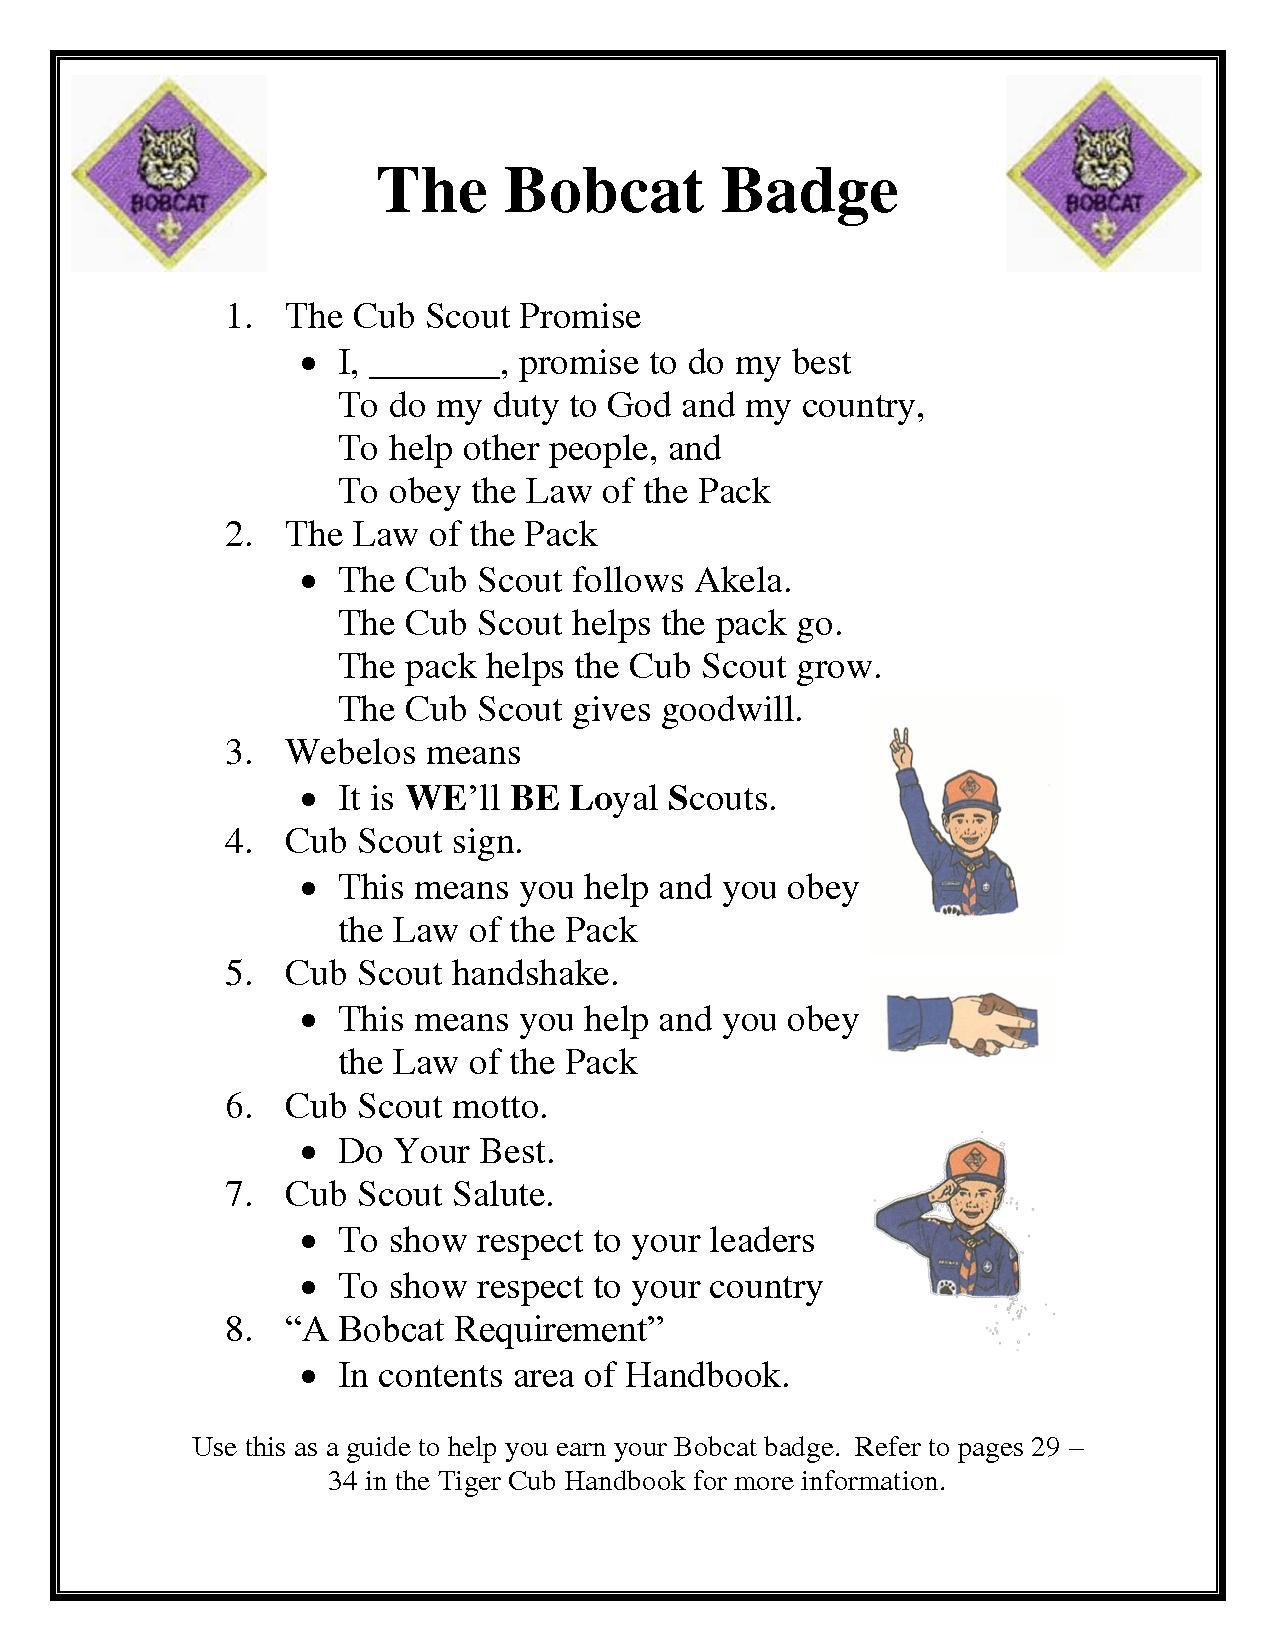 Cub Scout Bobcat Badge N4 Free Image